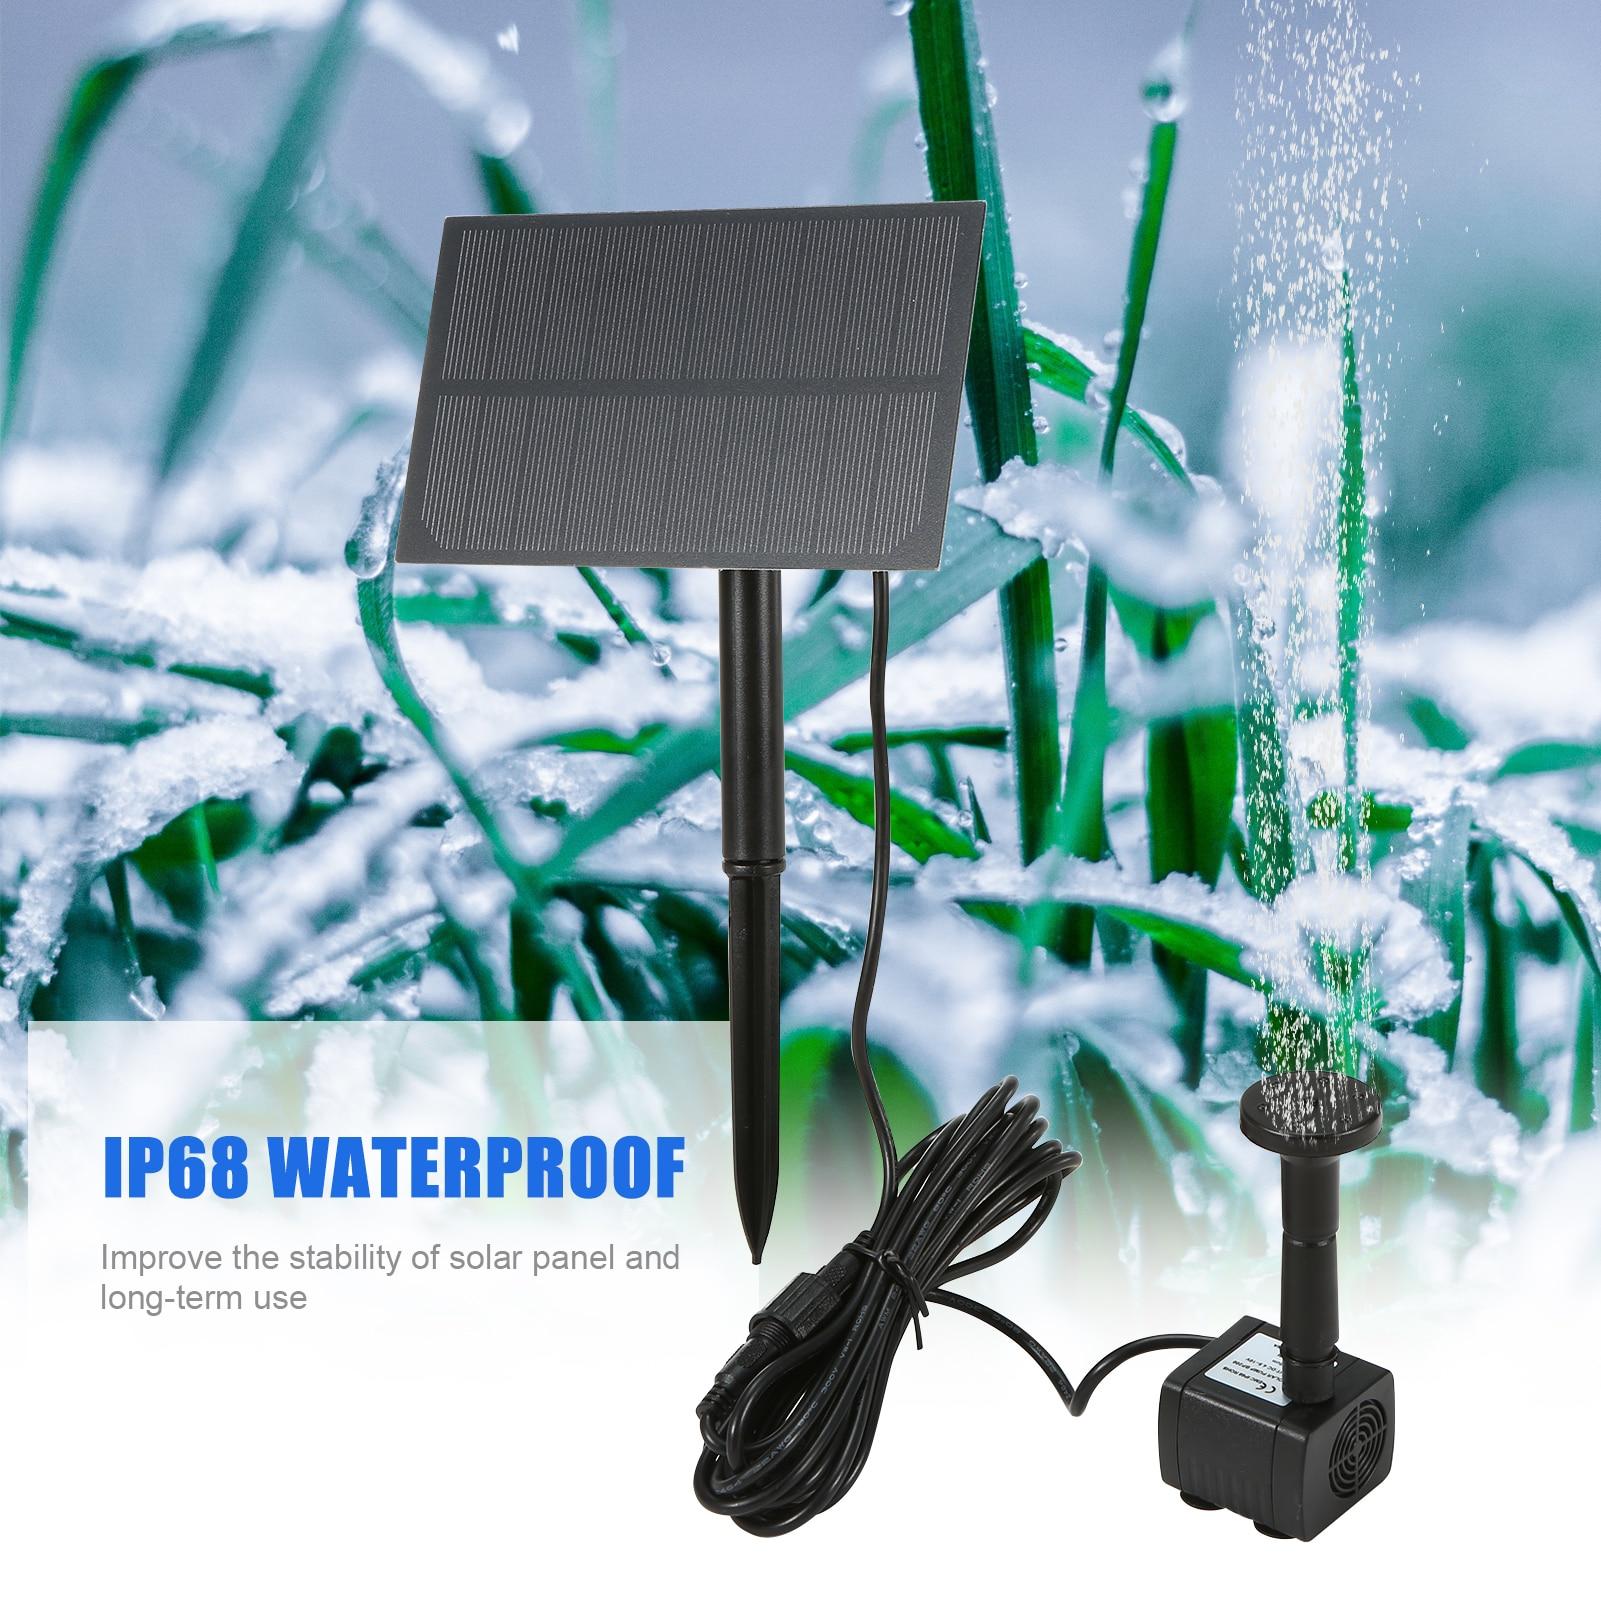 Солнечная птица ванная фонтан с Панель DIY Birdbath погружной водяной насос настенный подключаемого модуля ountain воздушный насос для аквариума са...